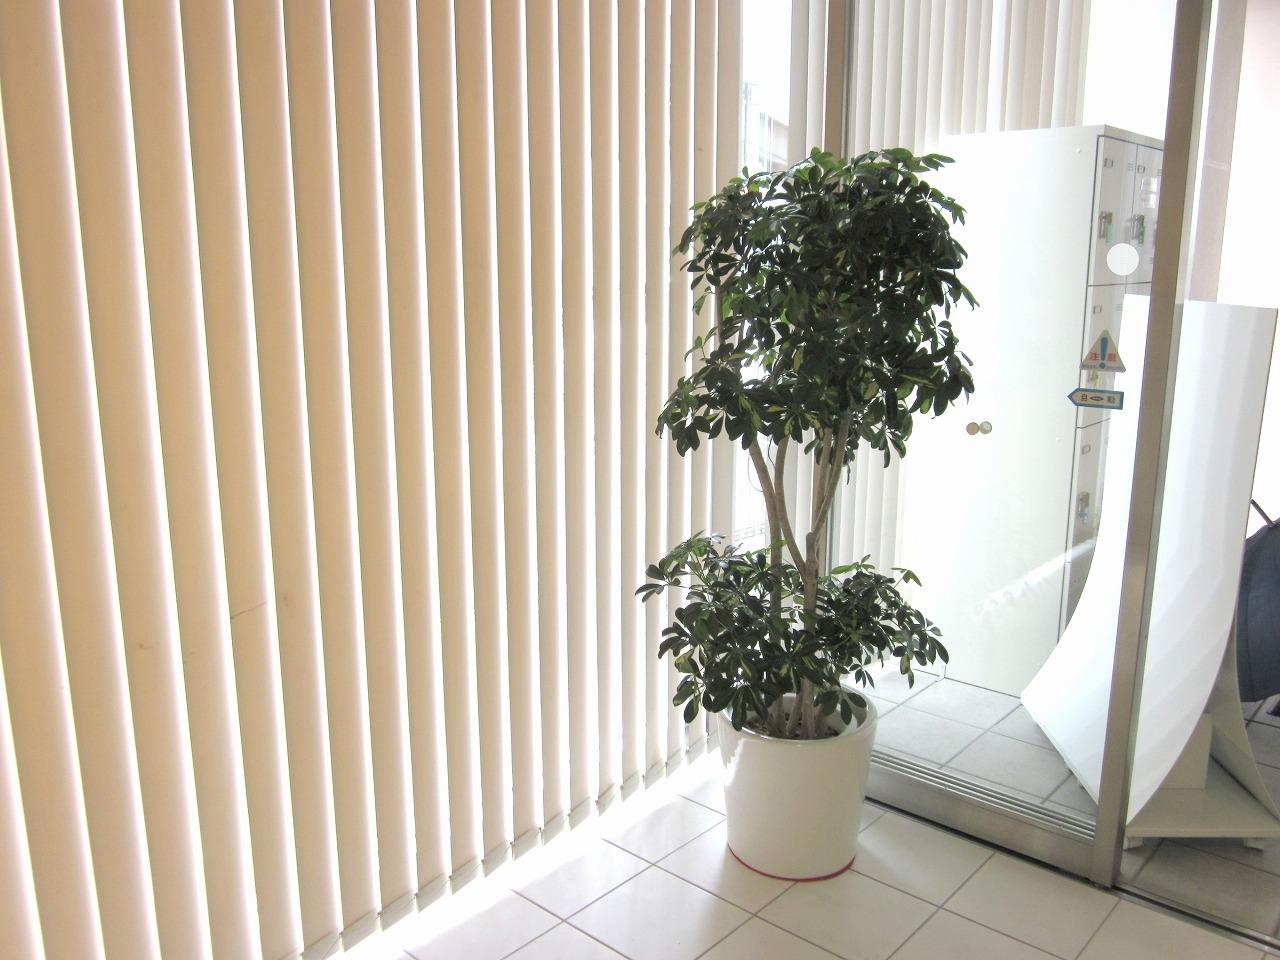 【ショールーム】広島で観葉植物のレンタルした設置事例